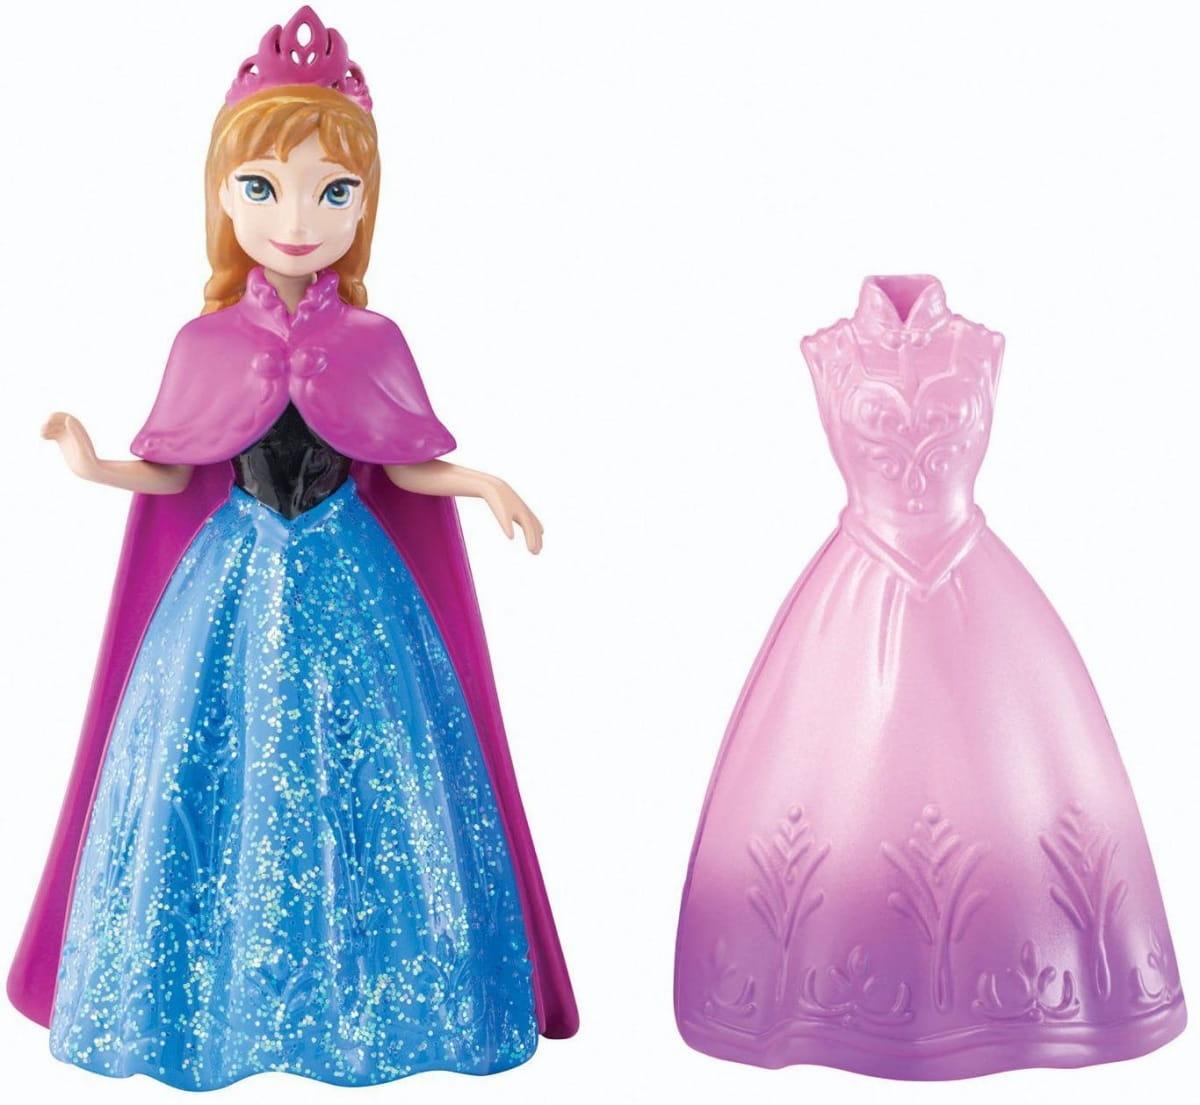 Кукла Disney Princess Y9969 Холодное сердце с дополнительным нарядом - Анна (Mattel)